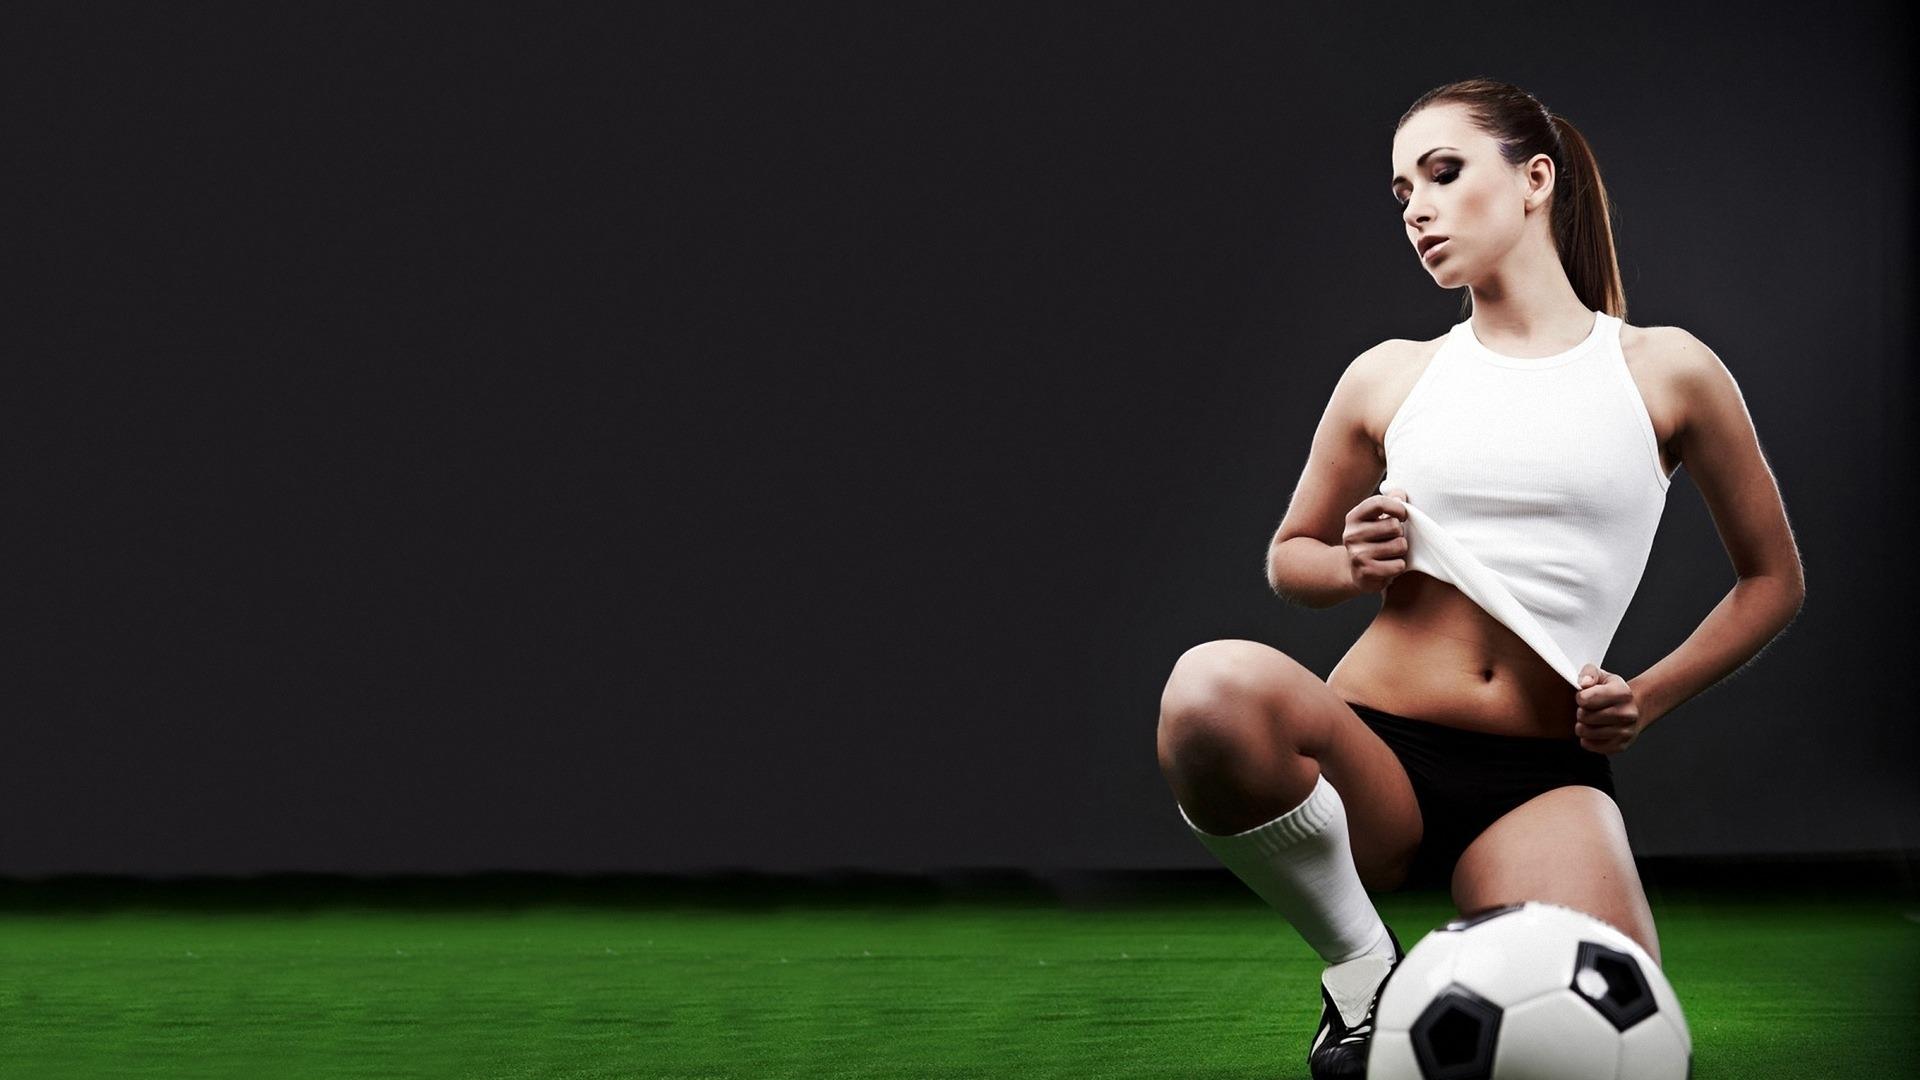 セクシーなサッカーの美しさ-サッカーデスクトップの壁紙シリーズプレビュー